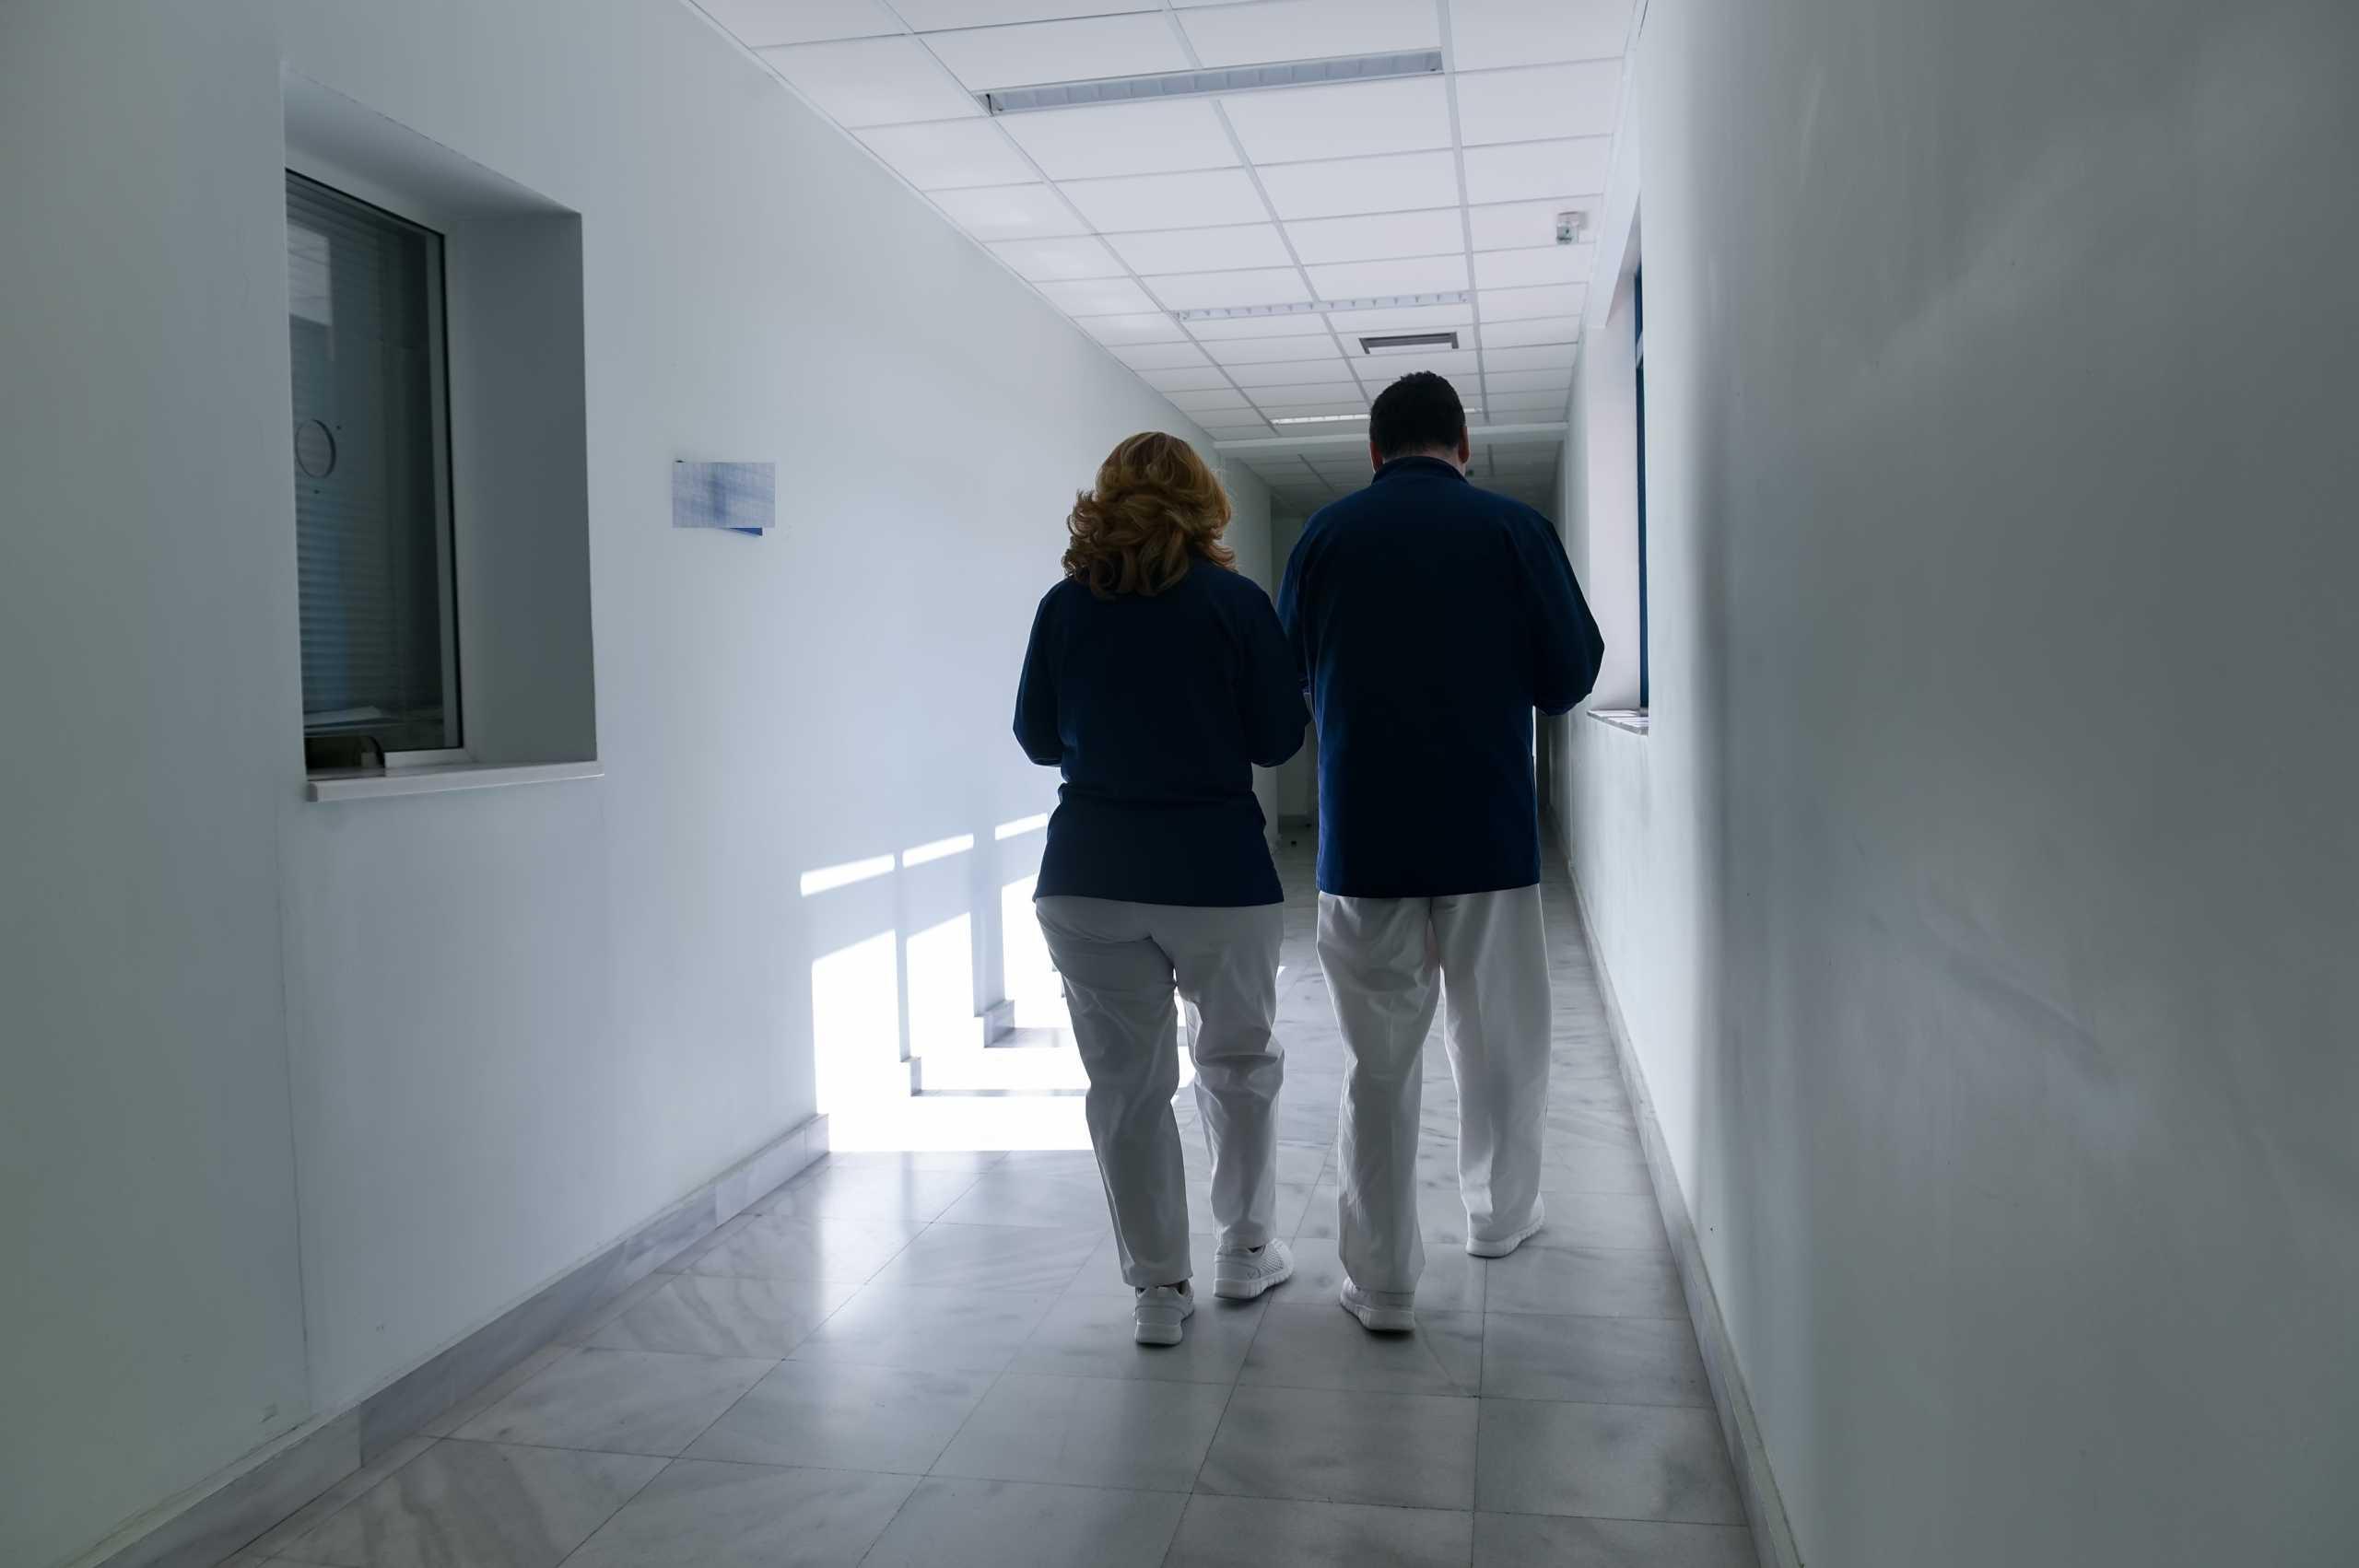 Κρήτη: Στο νοσοκομείο γυναίκα μετά τη δεύτερη δόση εμβολίου